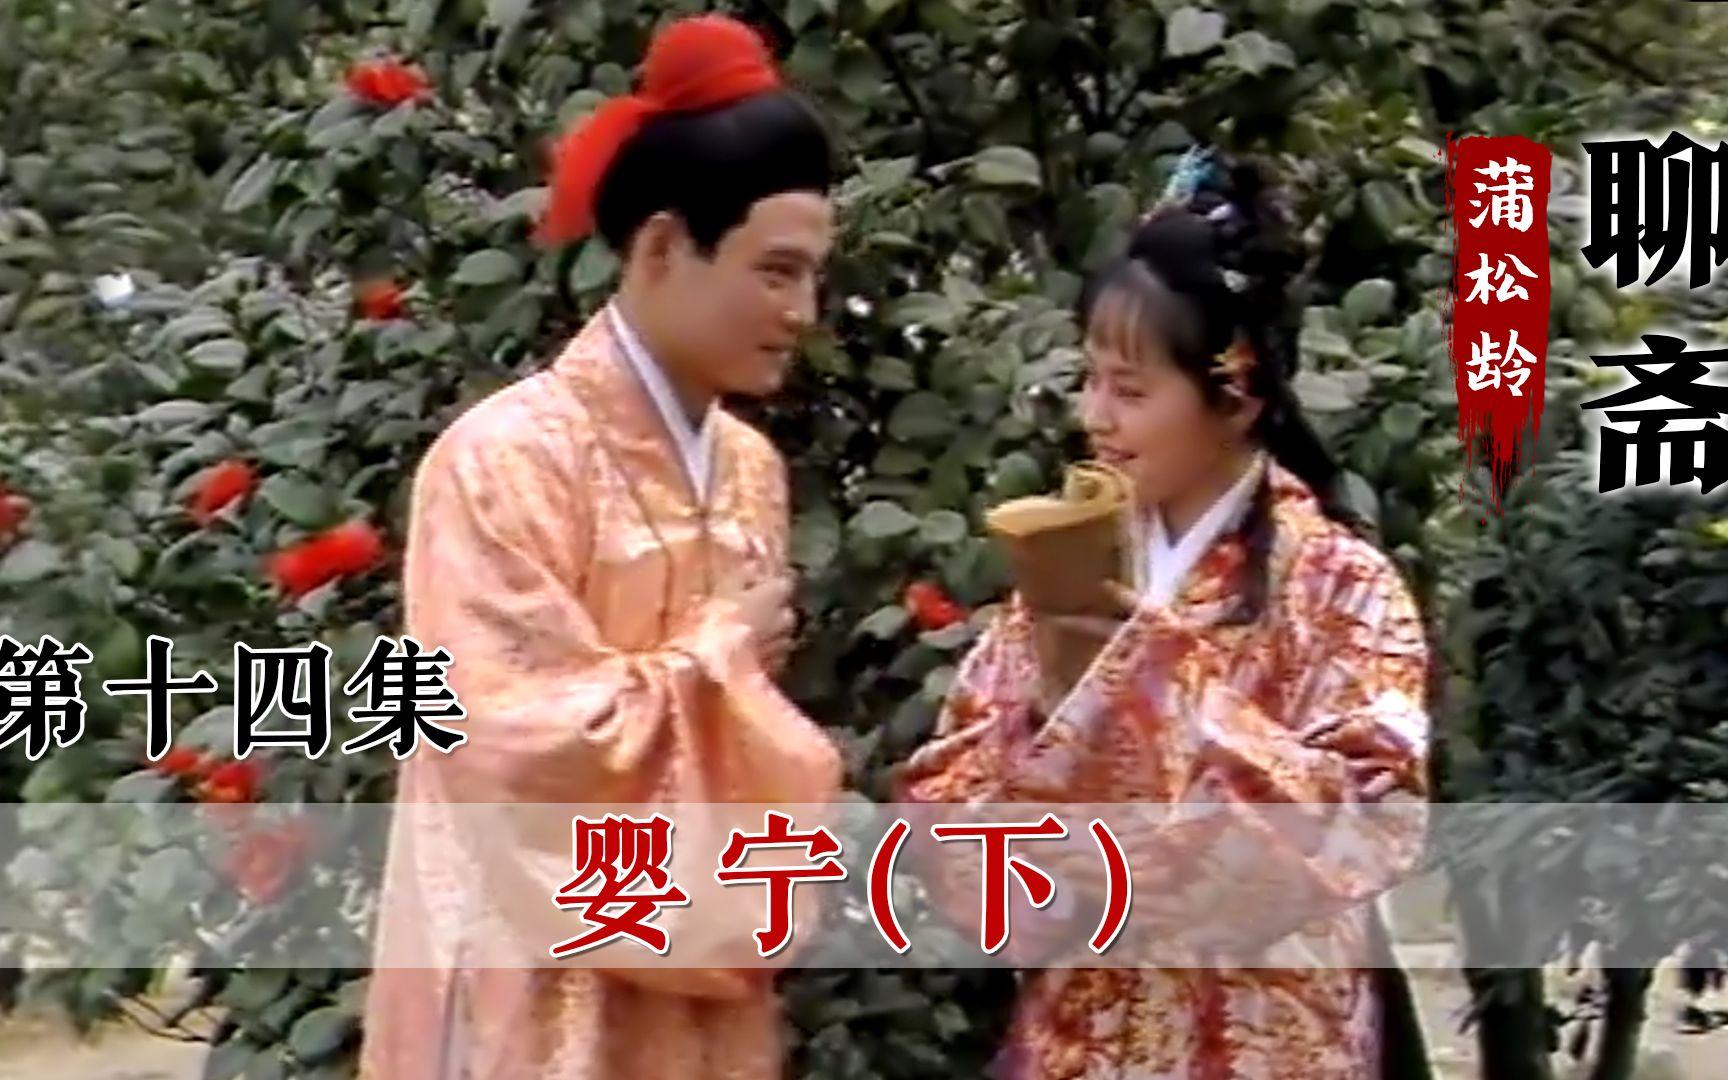 【阎君】聊斋14:书生从山里带回来一个狐仙,竟然是自己的表妹